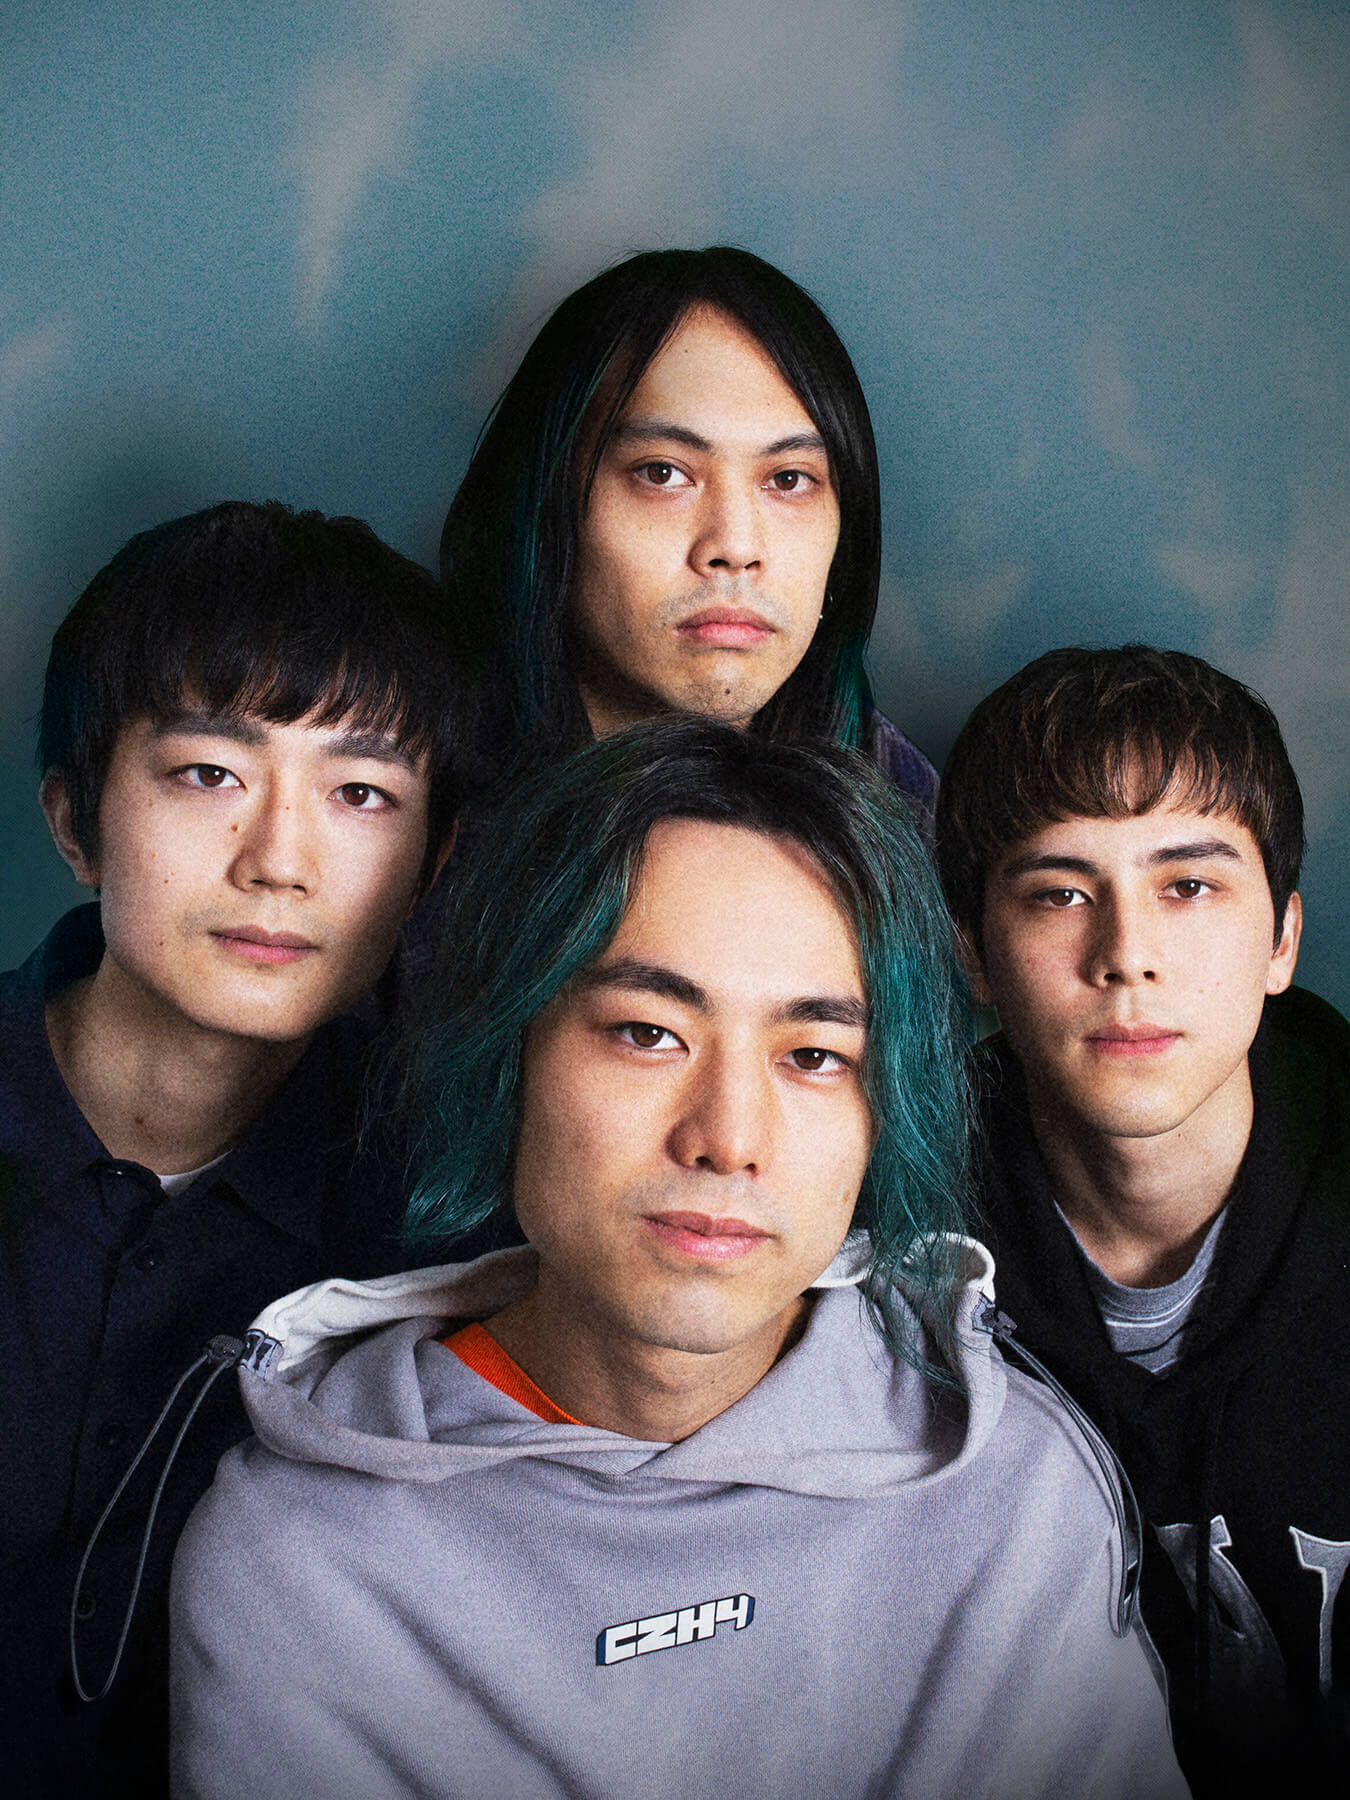 全国19ヵ所でリリースツアー決定!<br>タワレコ 「NO MUSIC, NO LIFE.」ポスターに登場!